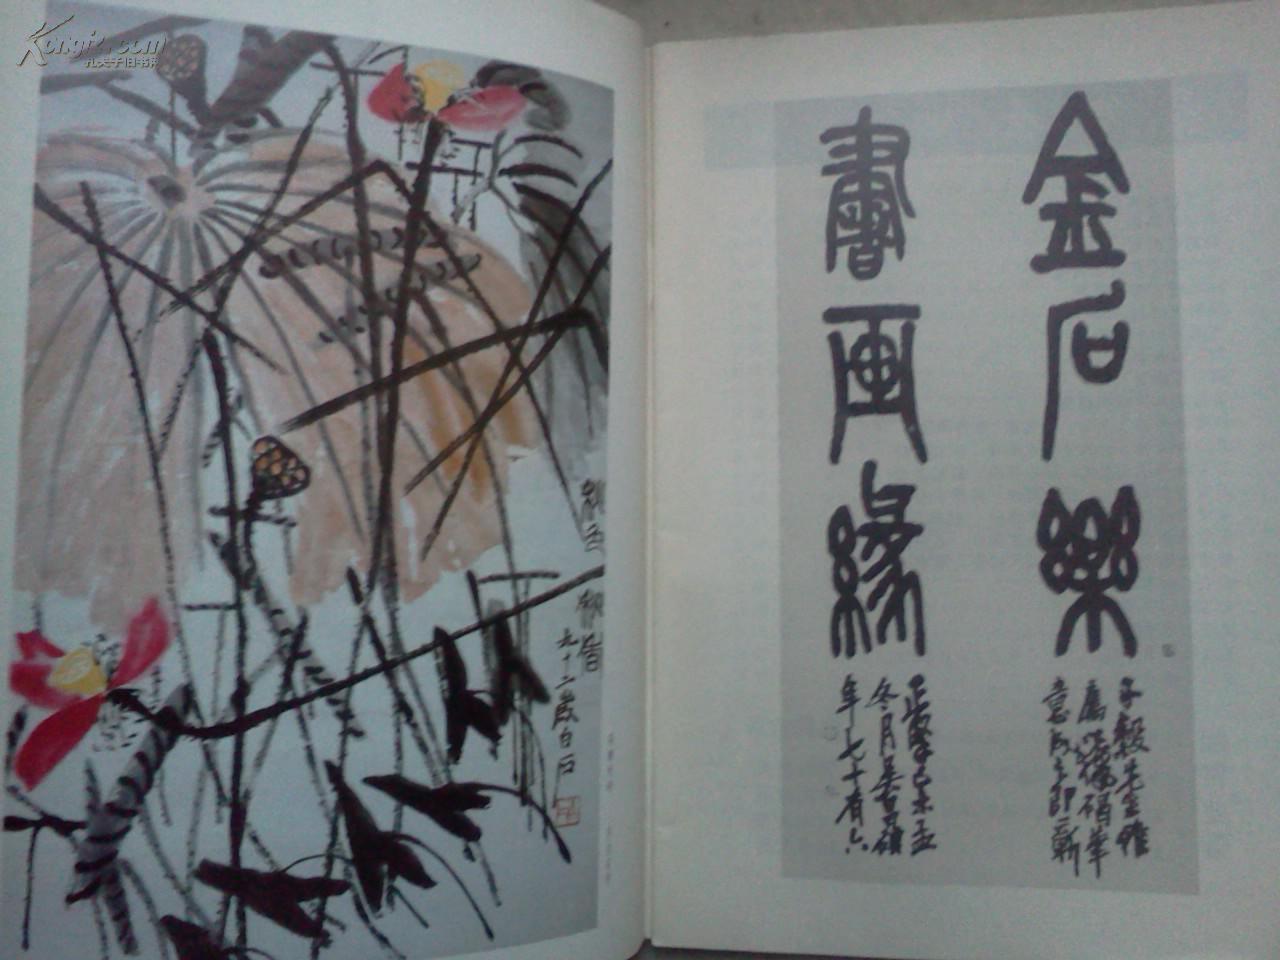 【图】金石书画 杂志 第二期图片